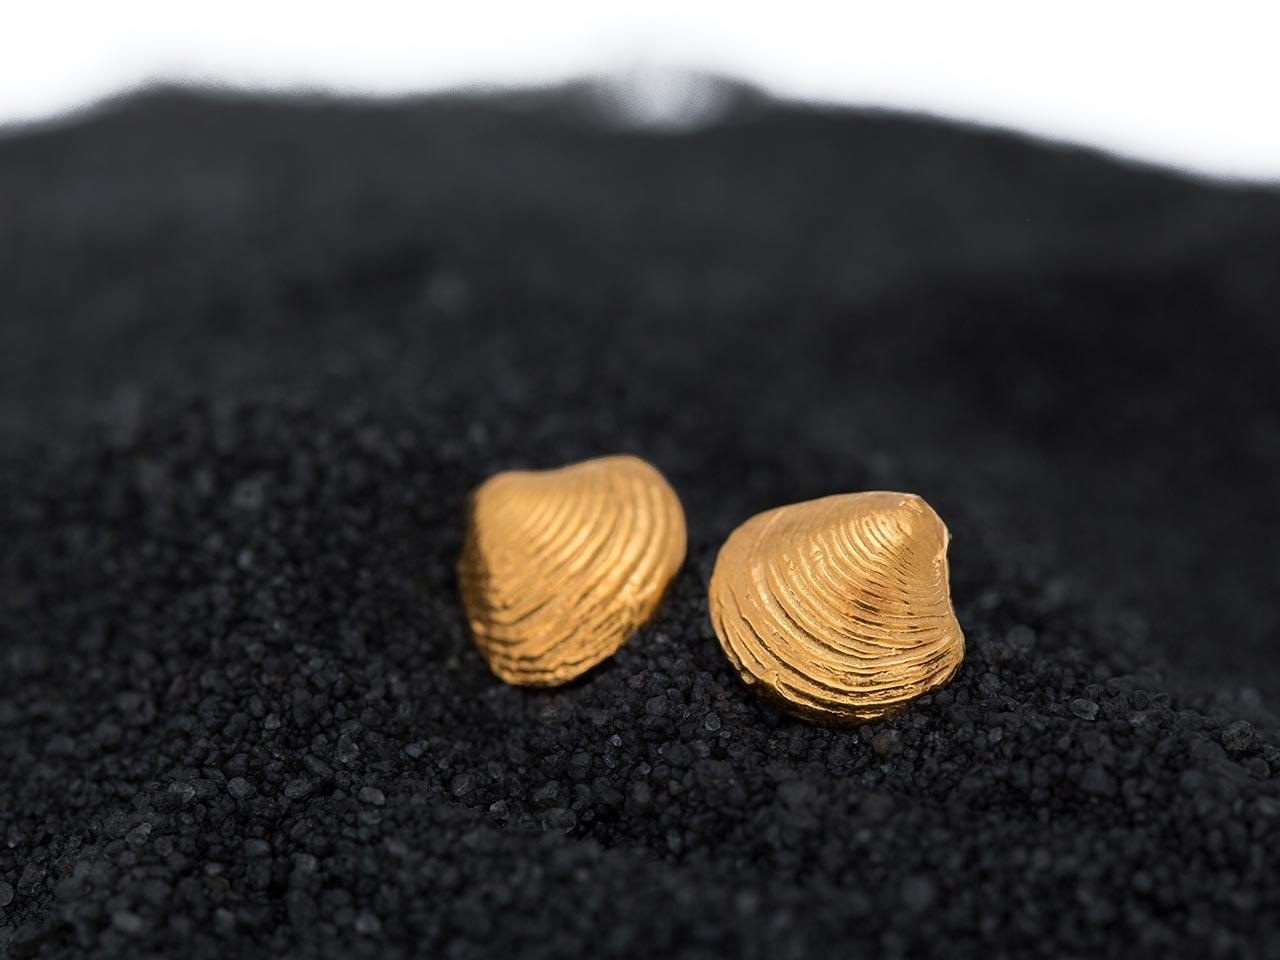 σκουλαρίκια καρφάκια αχιβάδες χρυσά